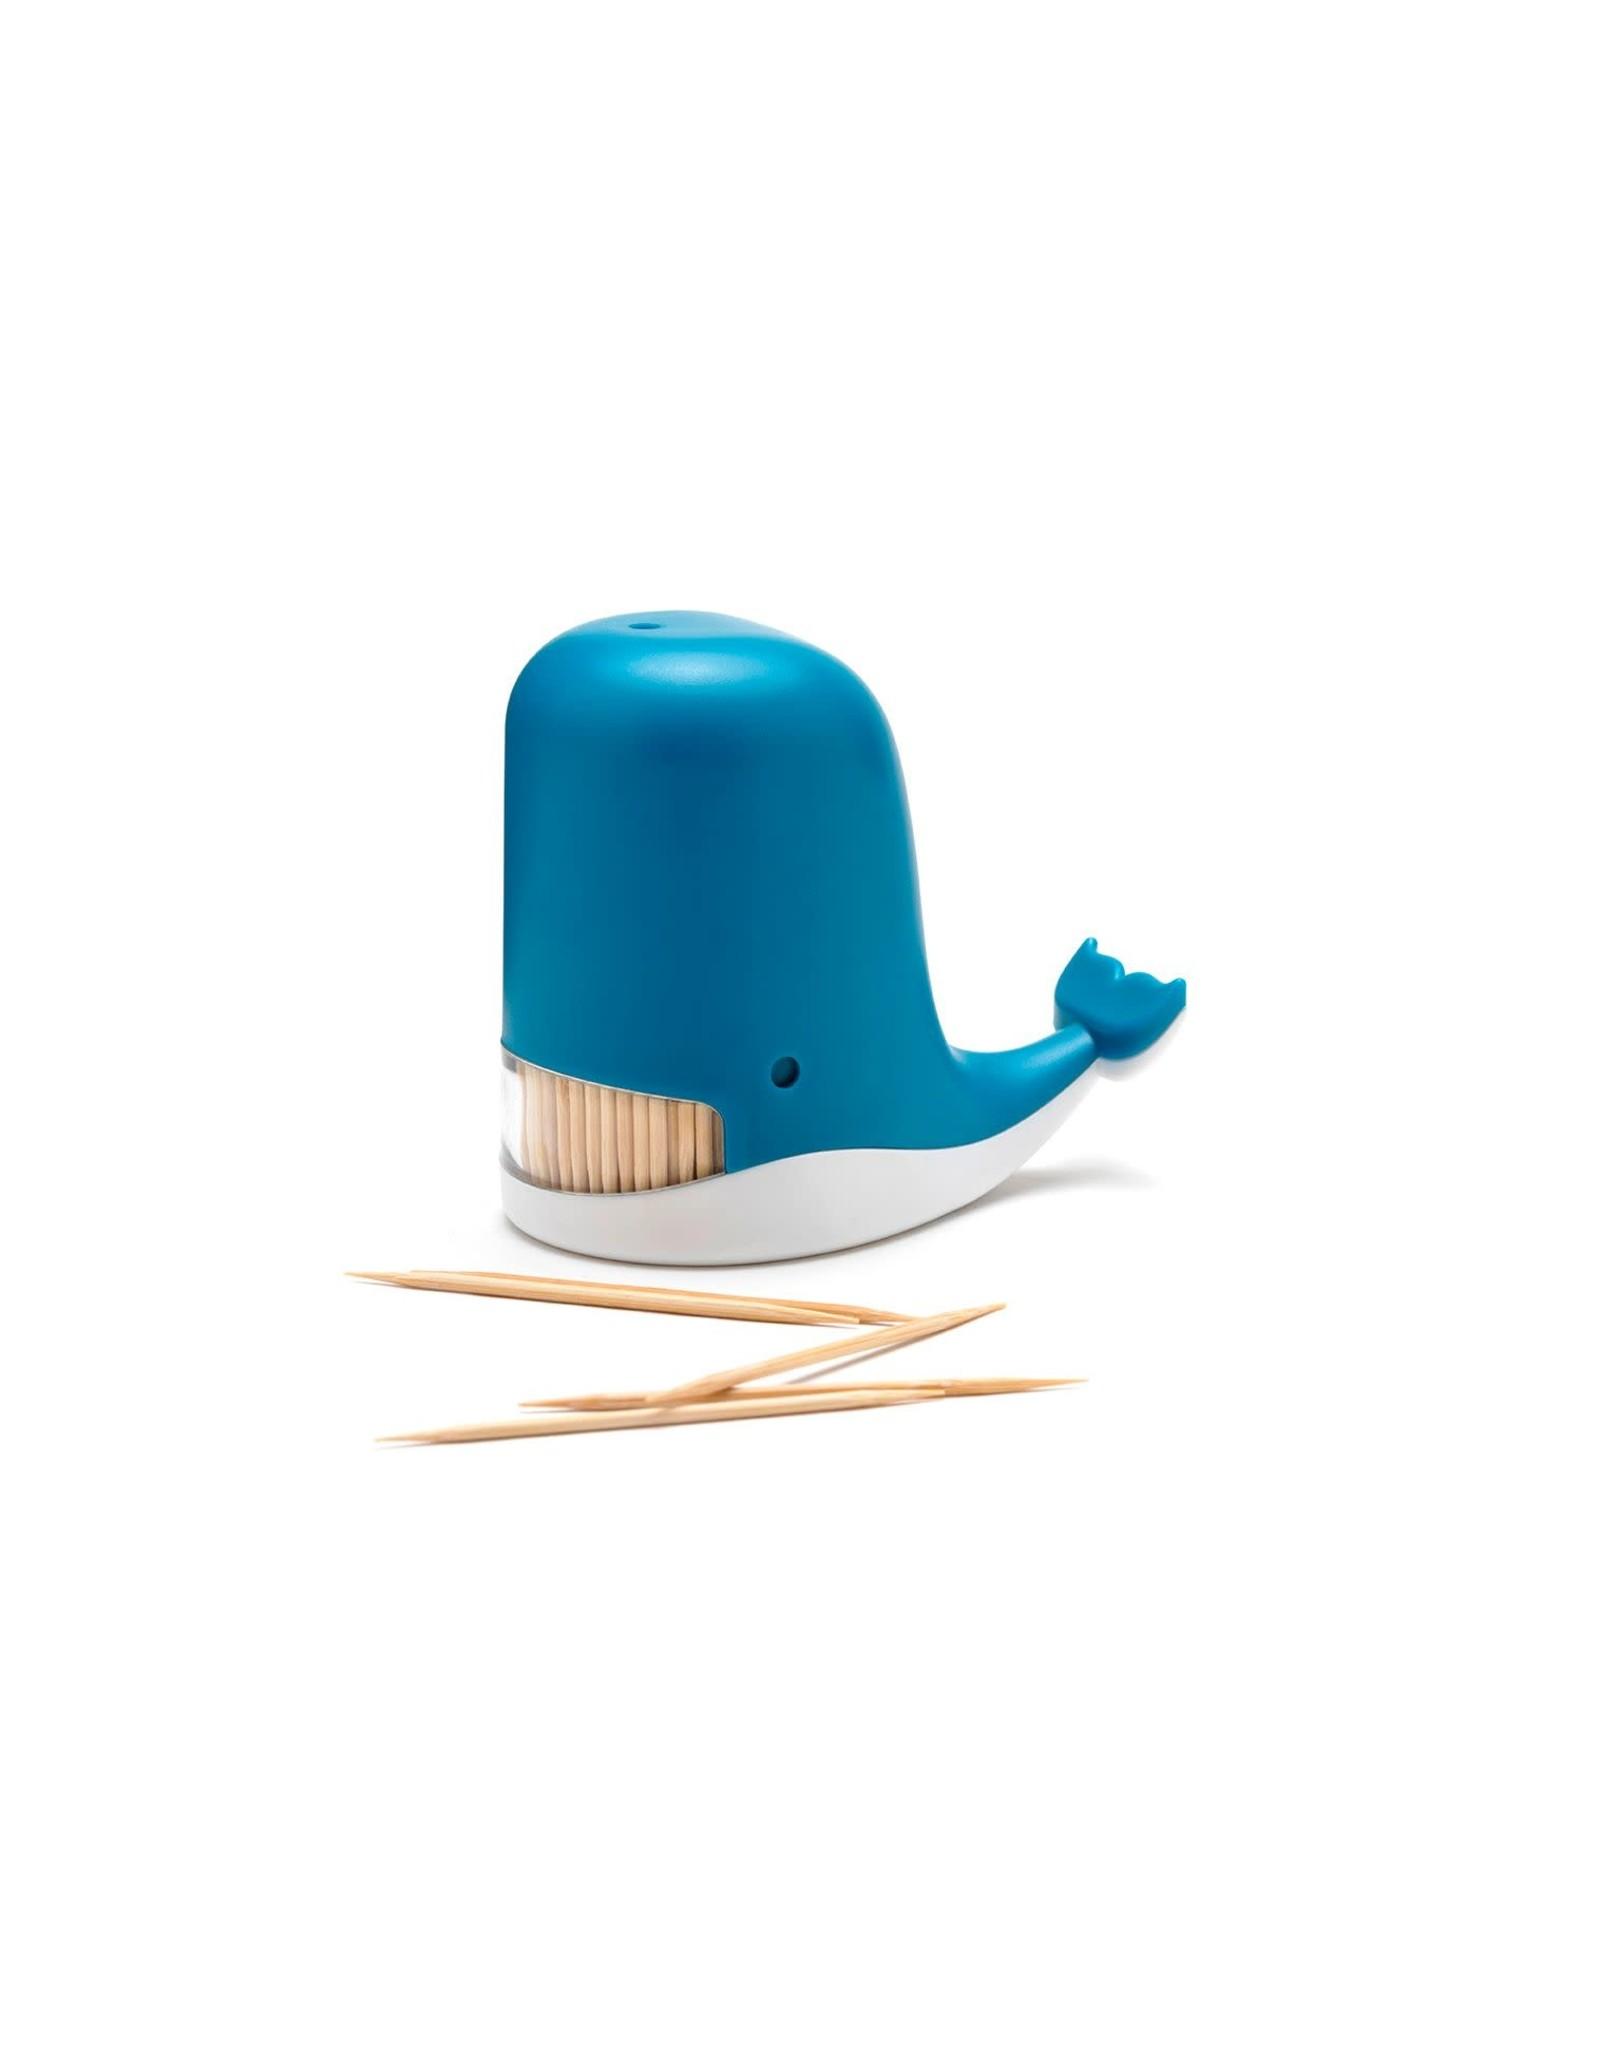 Peleg Design toothpick holder shaped like a whale